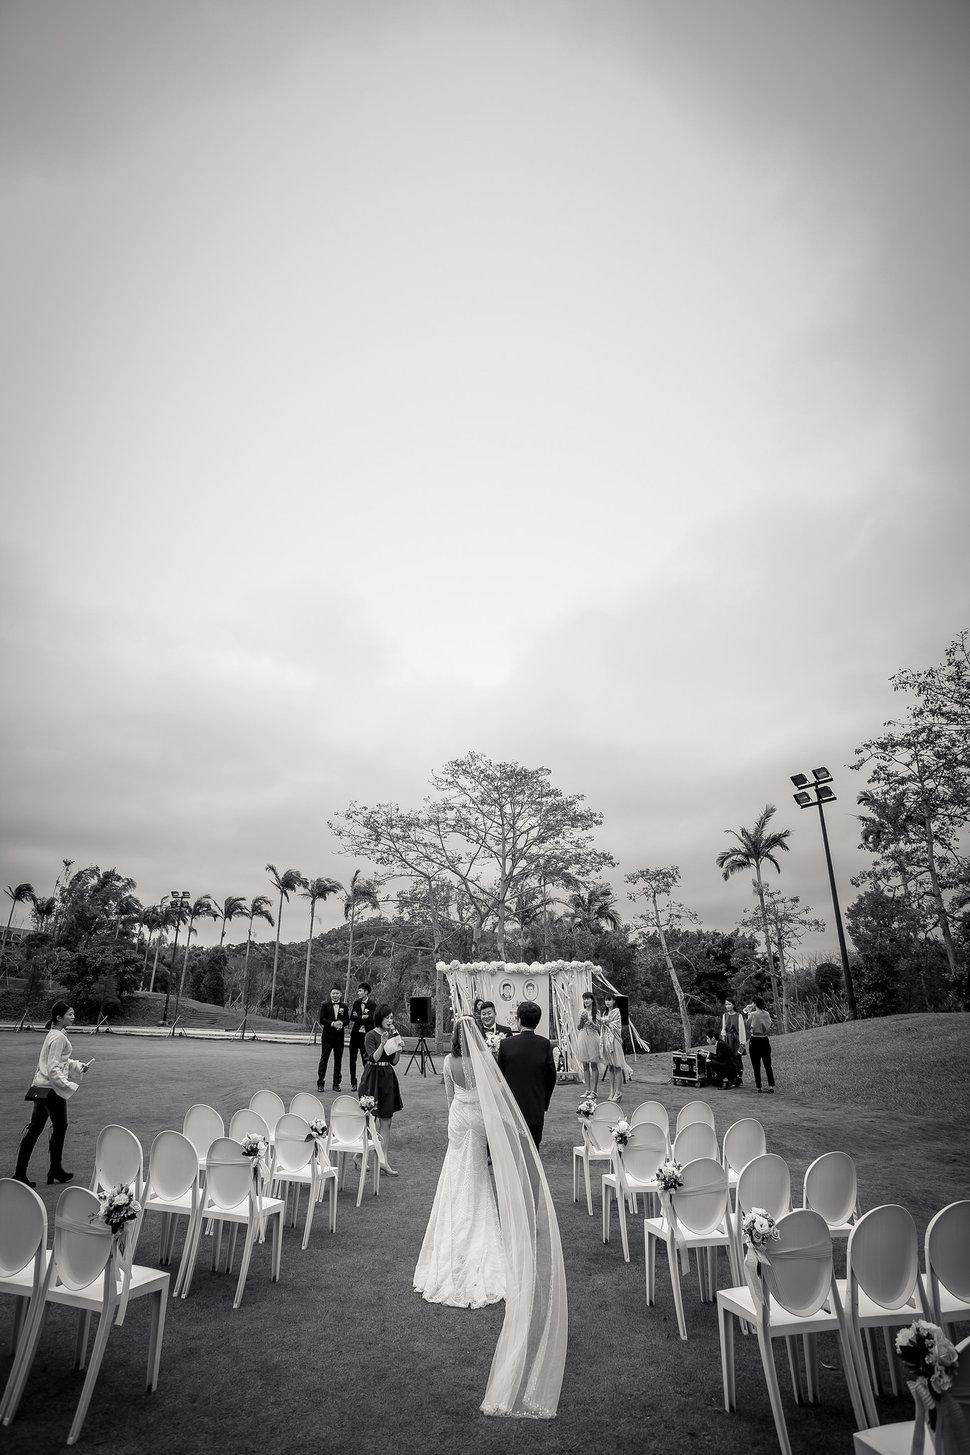 39190218382_92d72c2d3c_k - J Photographer《結婚吧》